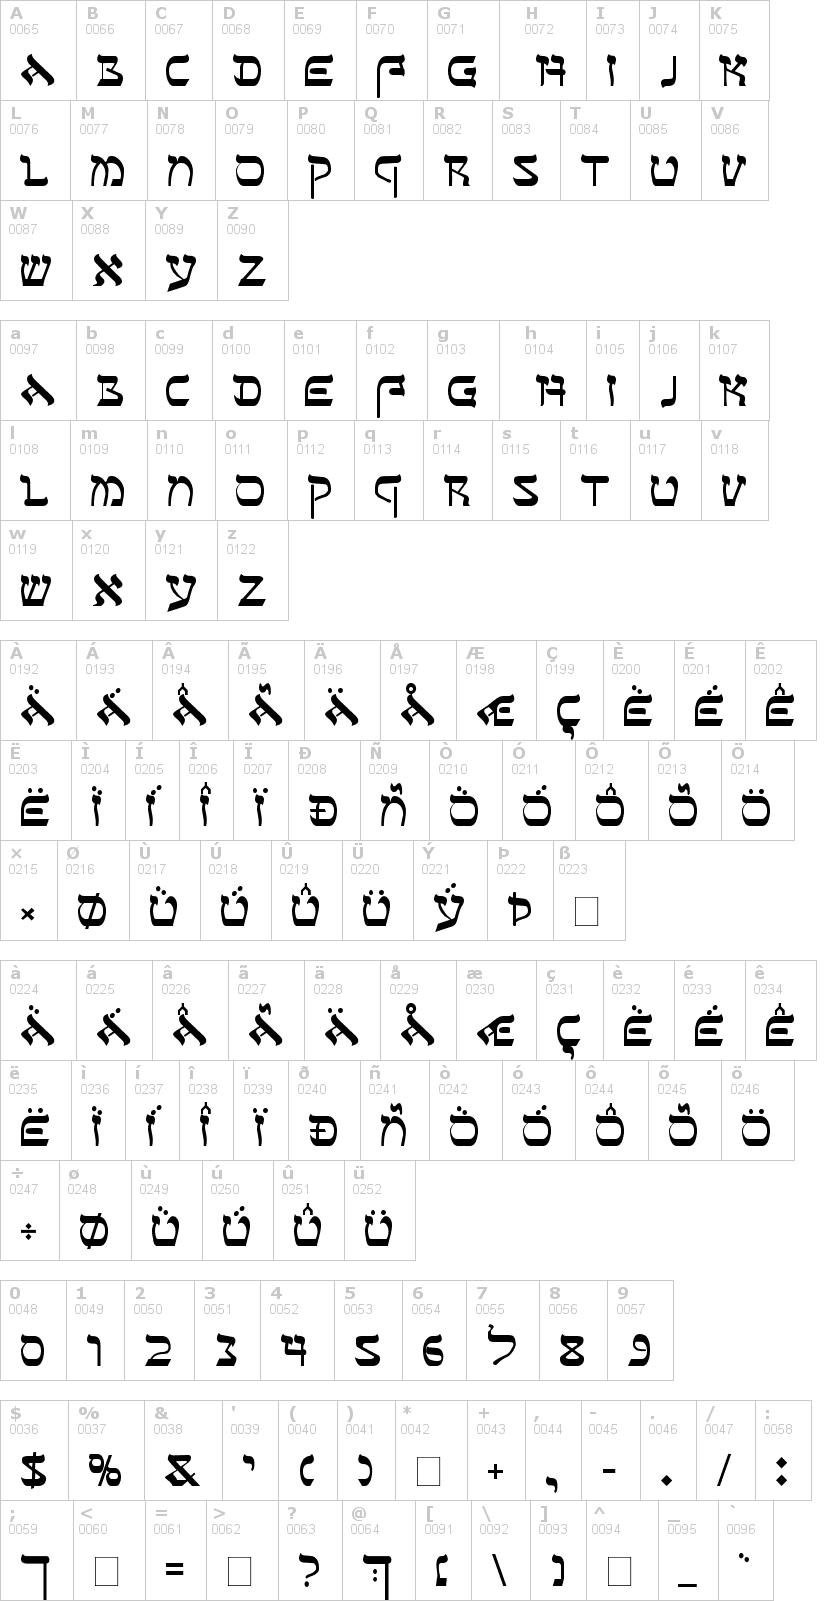 Lettere dell'alfabeto del font sefer-ah con le quali è possibile realizzare adesivi prespaziati